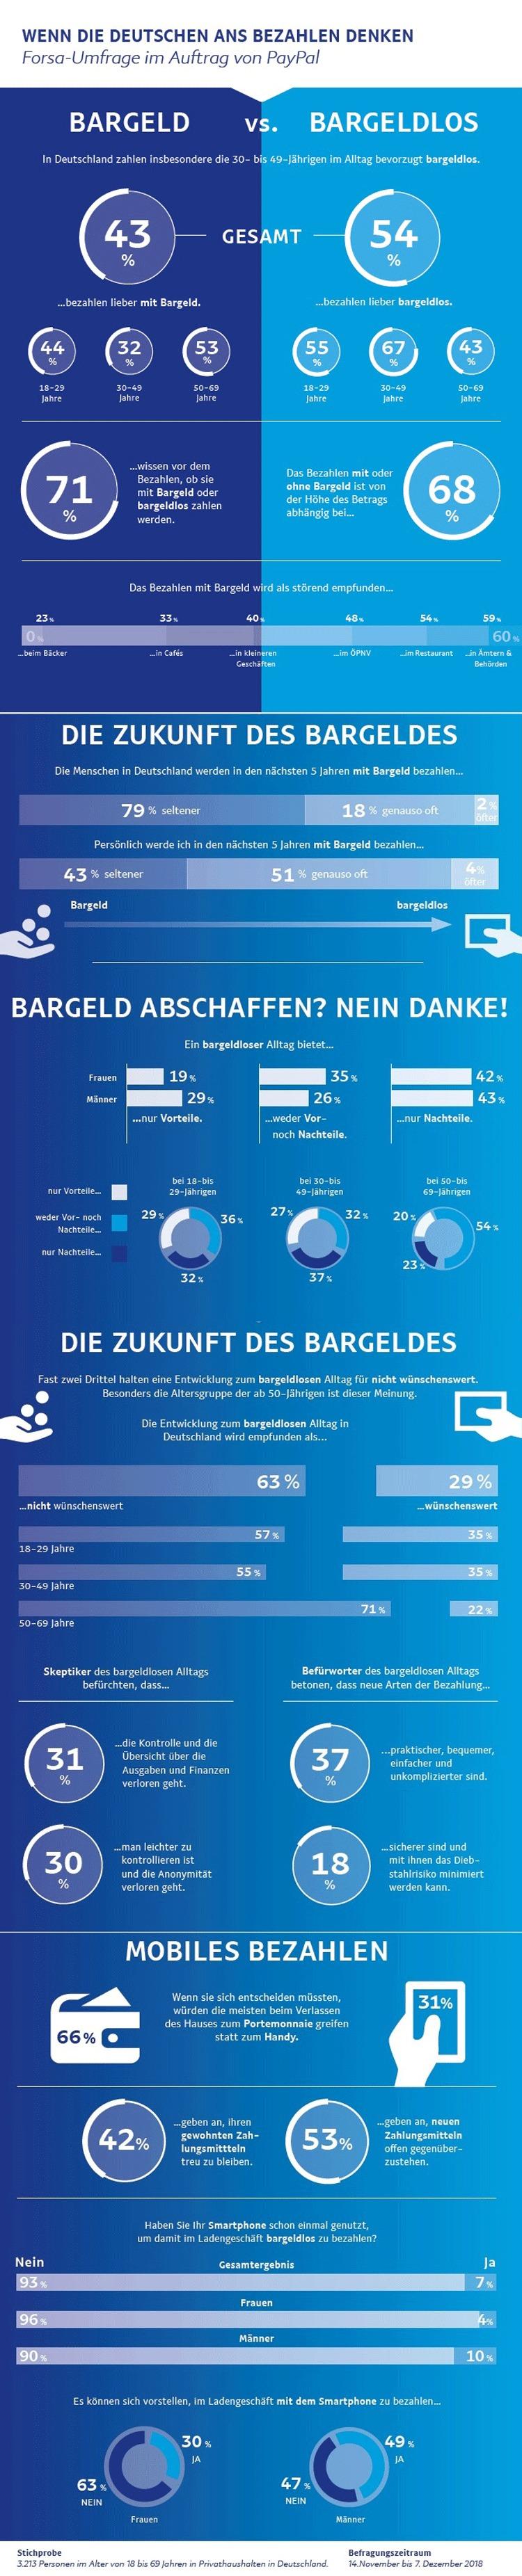 Infografik: Bezahlen in Deutschland